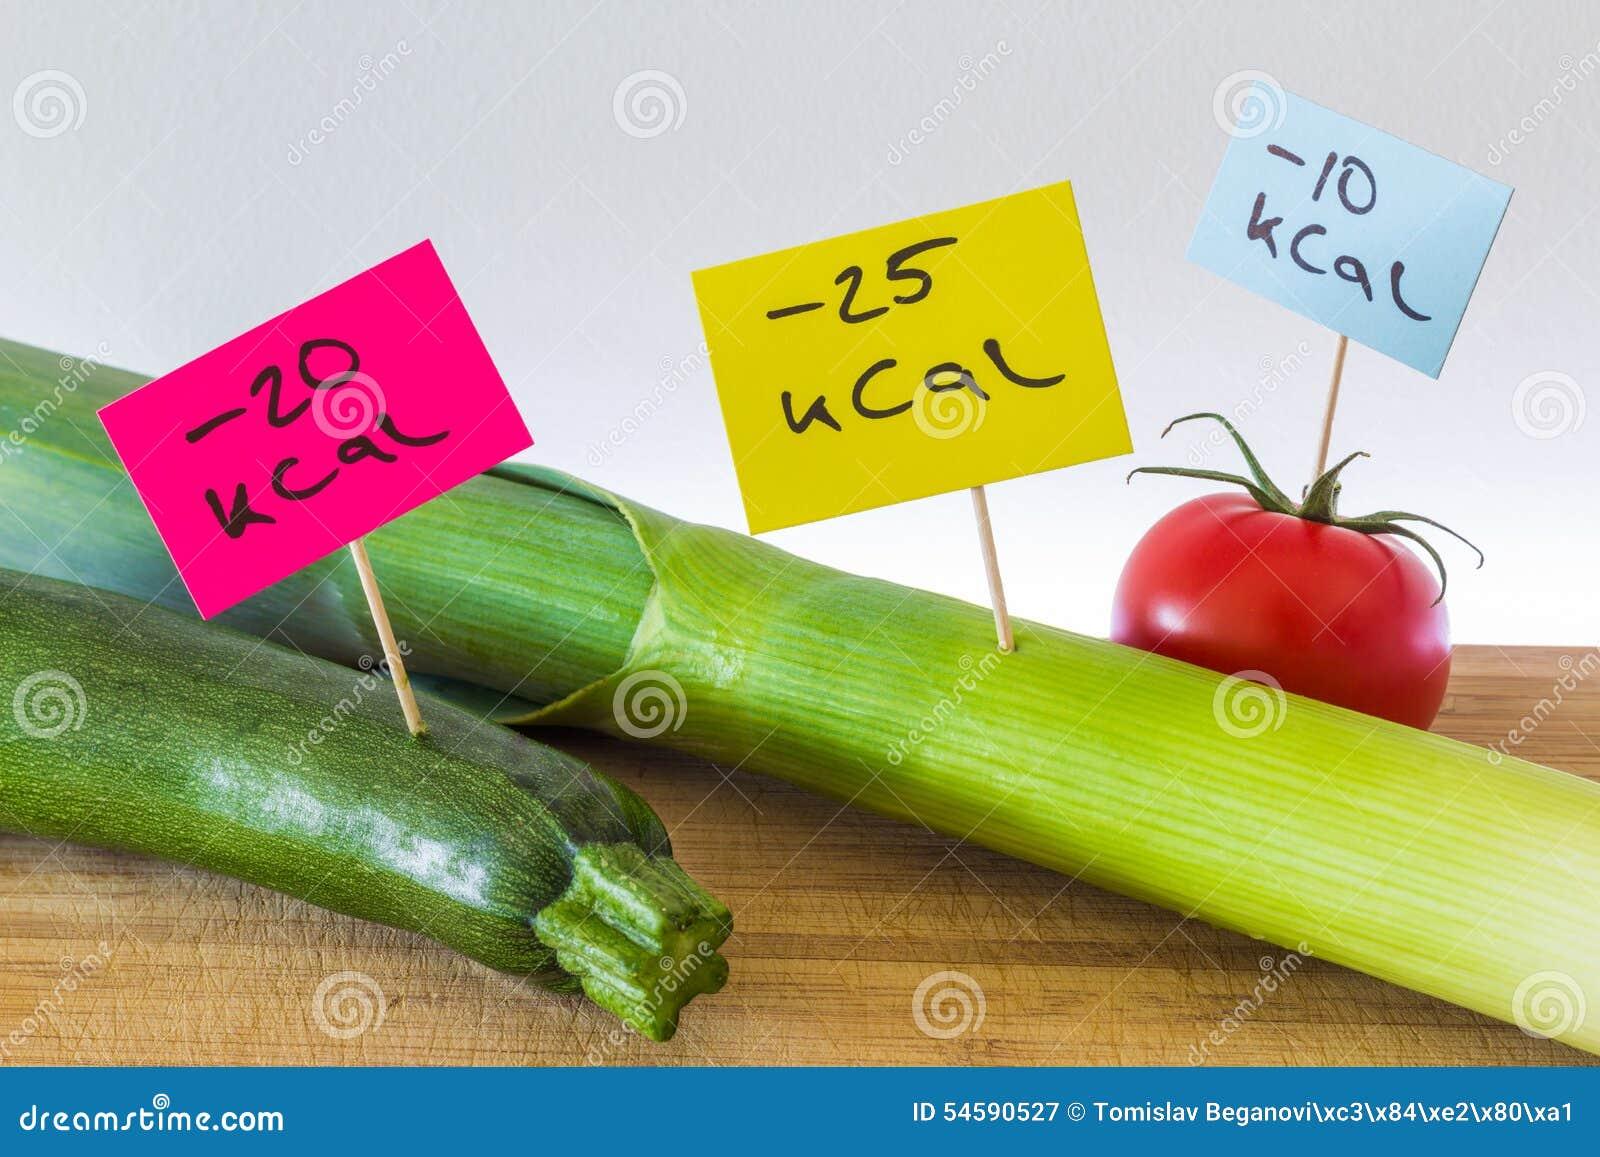 Negativo-calorías De Comida; Puerros, Calabacín Y Tomate Imagen de ...